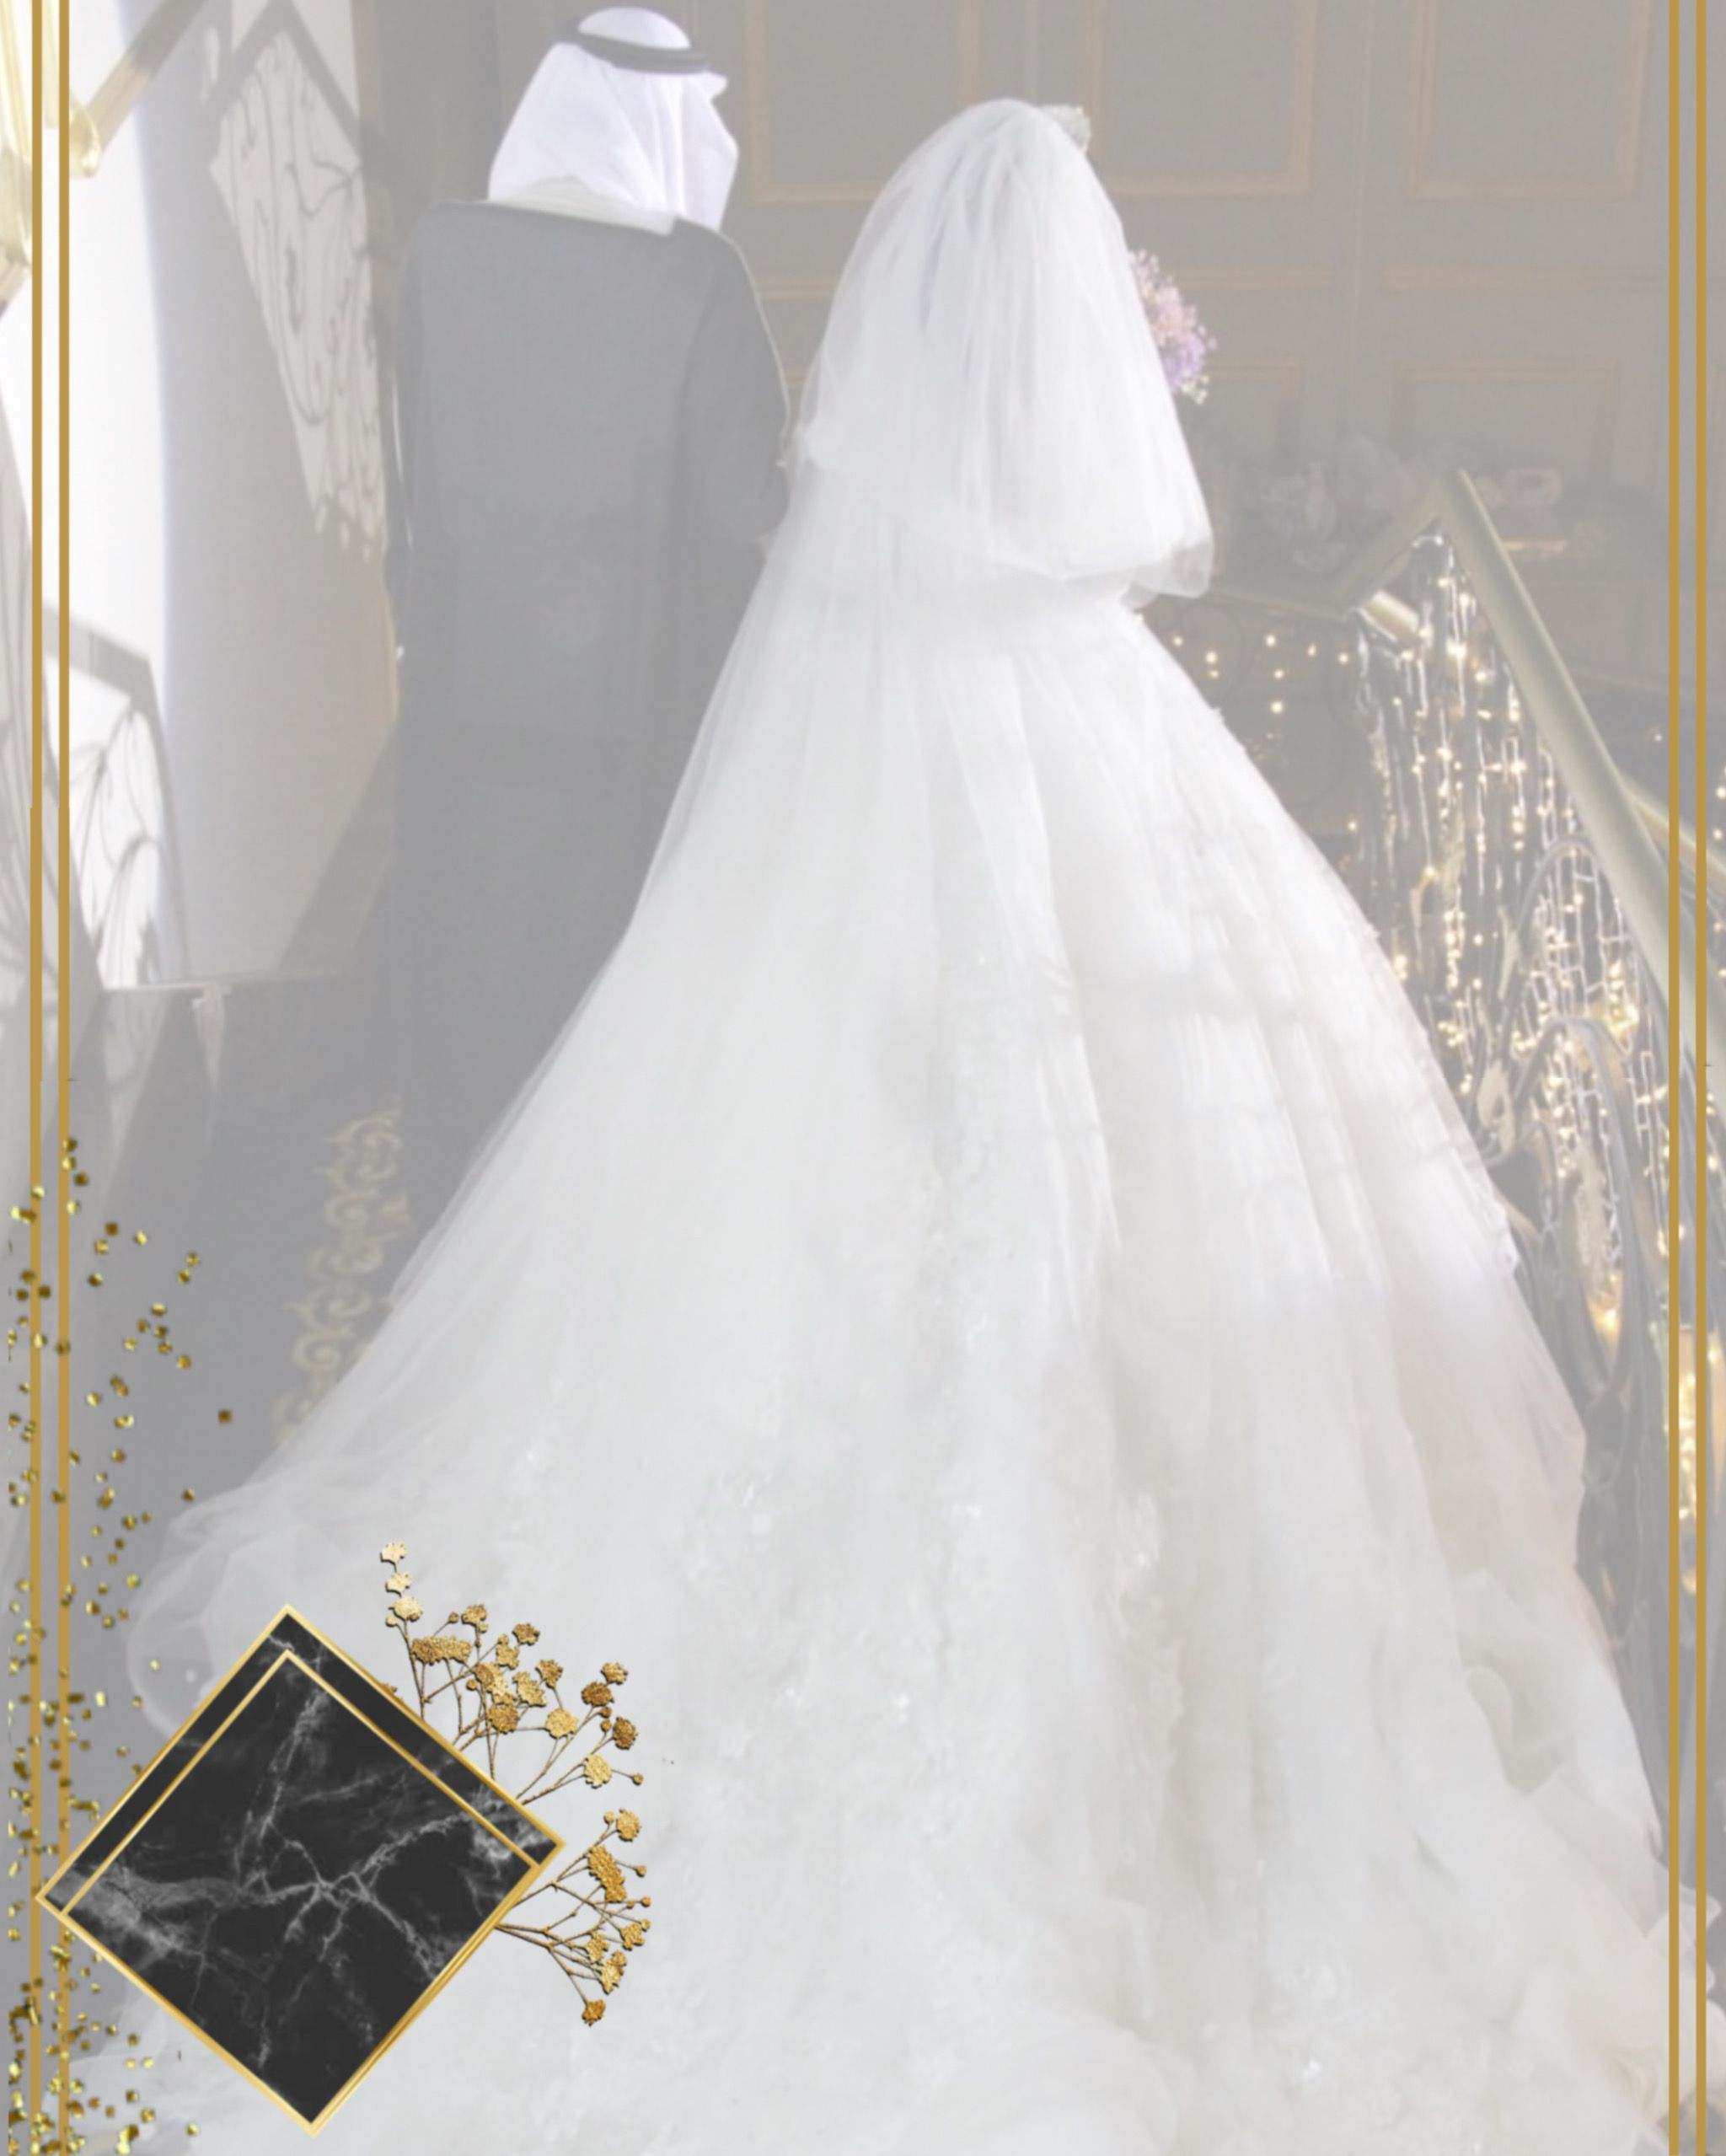 زفاف دعوة زفاف دعوة تصميم جاهز زواج فلتر عروس عريس Wedding Design Freetoedit Wedding Logo Design Flower Graphic Design Wedding Album Design